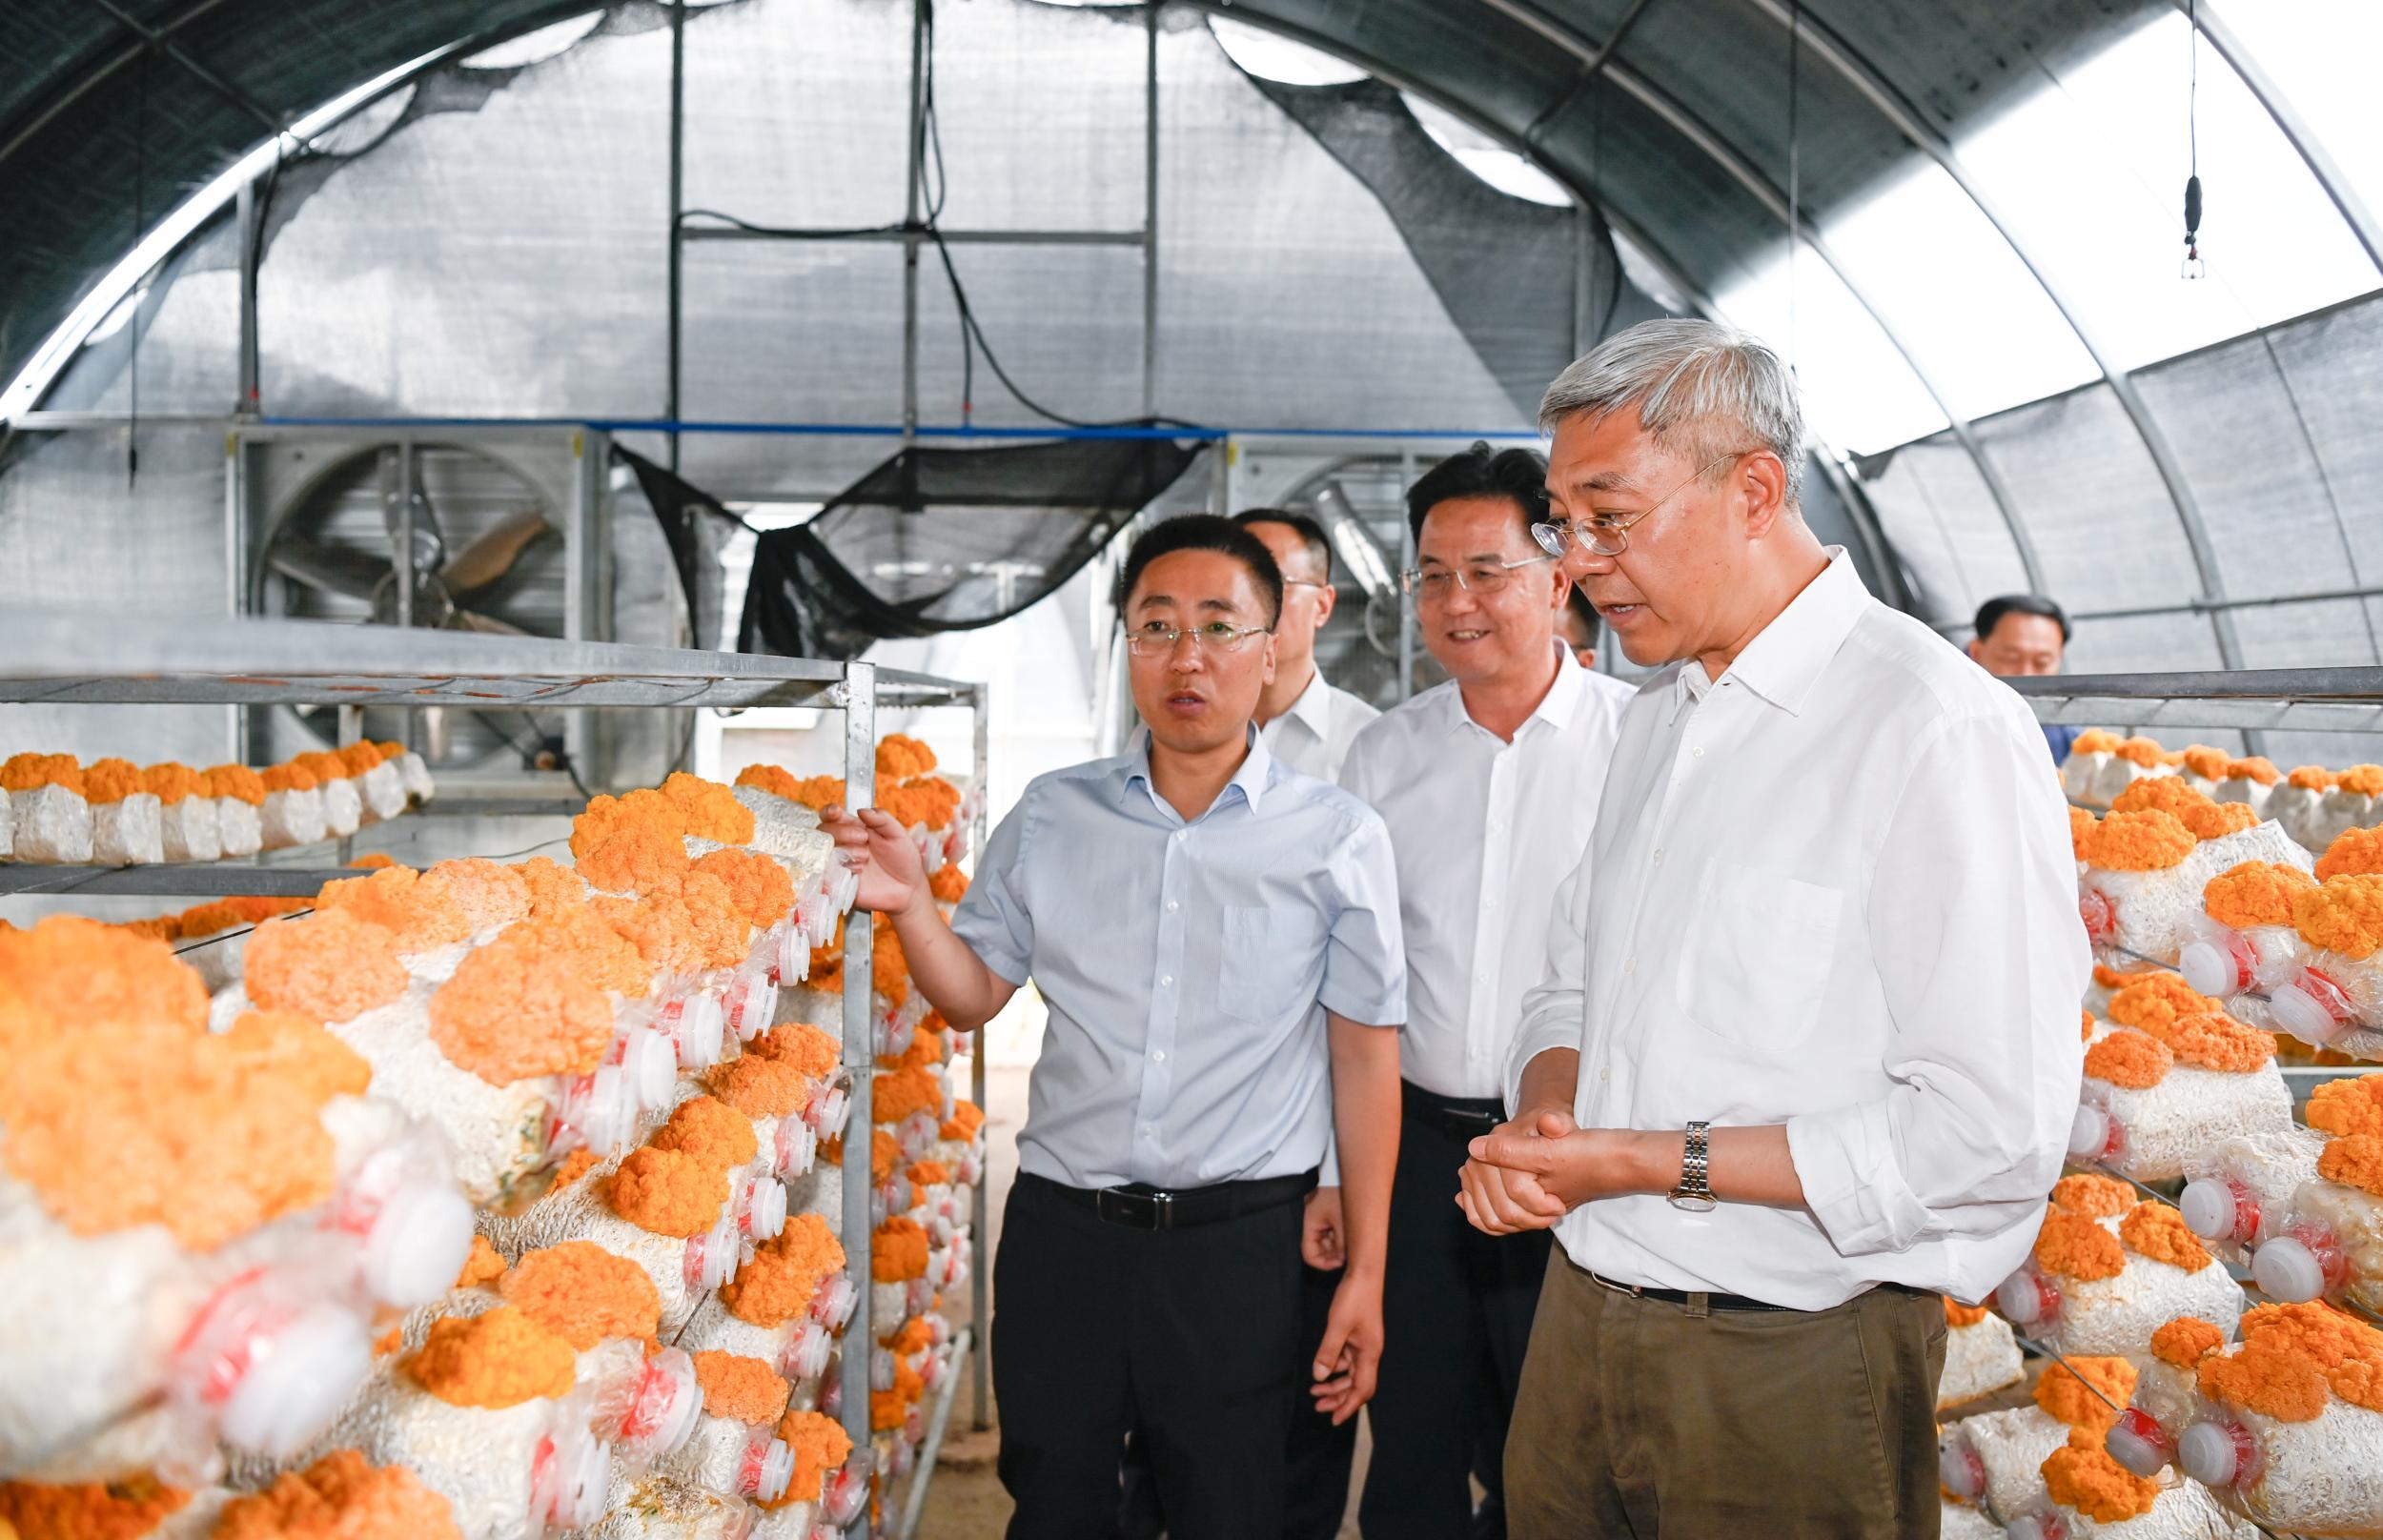 尹弘在定西调研:菌菇产业大有前景 带动群众增收致富